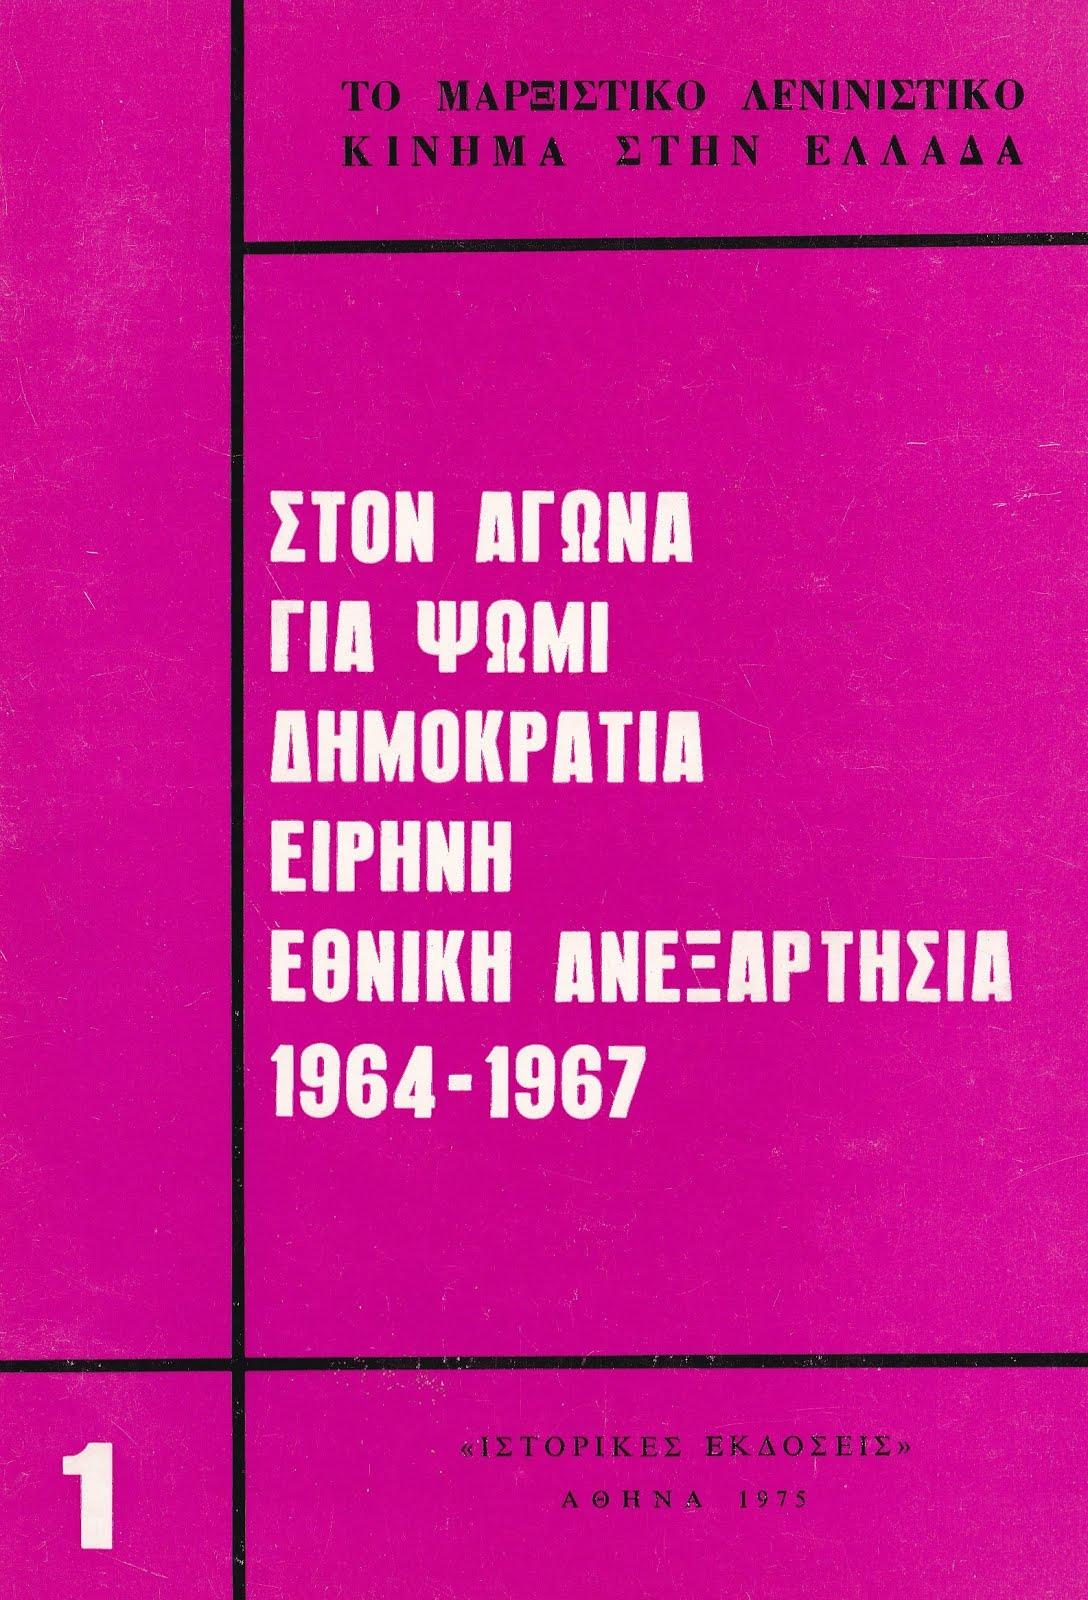 ΣΤΟΝ ΑΓΩΝΑ ΓΙΑ ΨΩΜΙ, ΔΗΜΟΚΡΑΤΙΑ, ΕΙΡΗΝΗ, ΕΘΝΙΚΗ ΑΝΕΞΑΡΤΗΣΙΑ 1964-1967 (1)